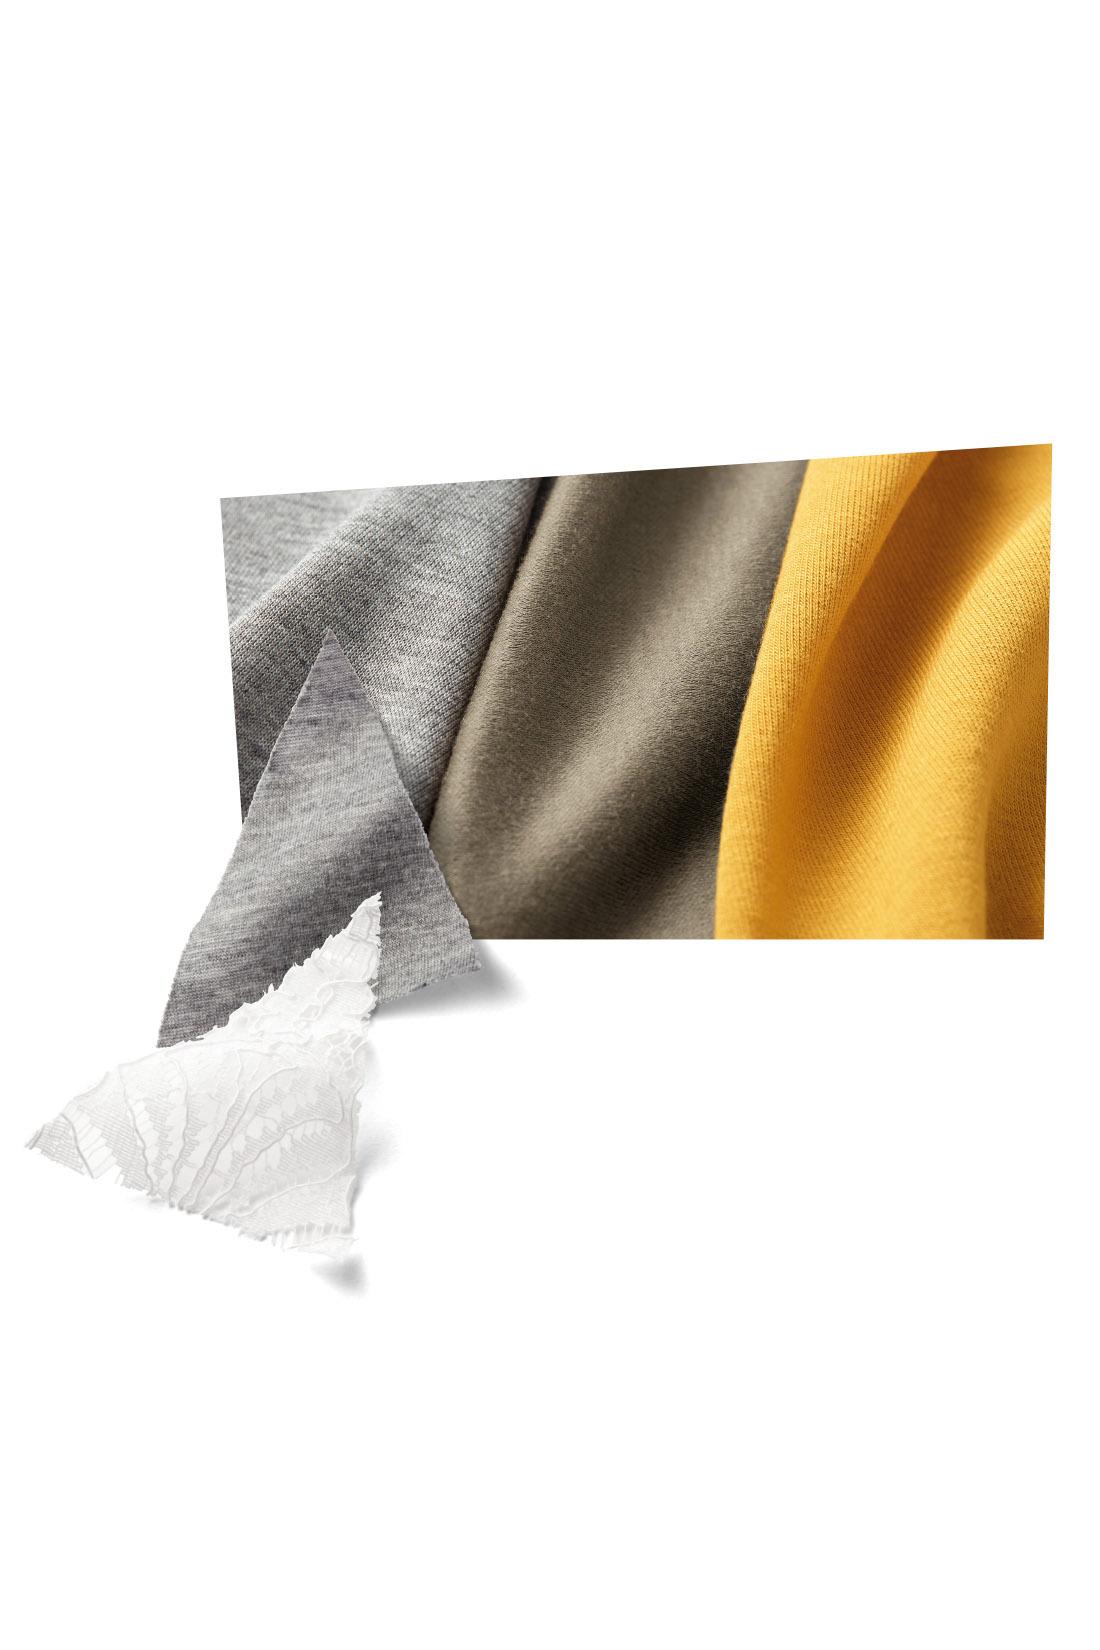 汗をかいてもすぐ乾く、吸汗速乾のカットソー素材。表面の毛羽を取りのぞき、シルクのような滑らかさを出すシルケット加工をほどこしました。艶っぽい表面感と綿素材ならではの肌心地のよさを両立。